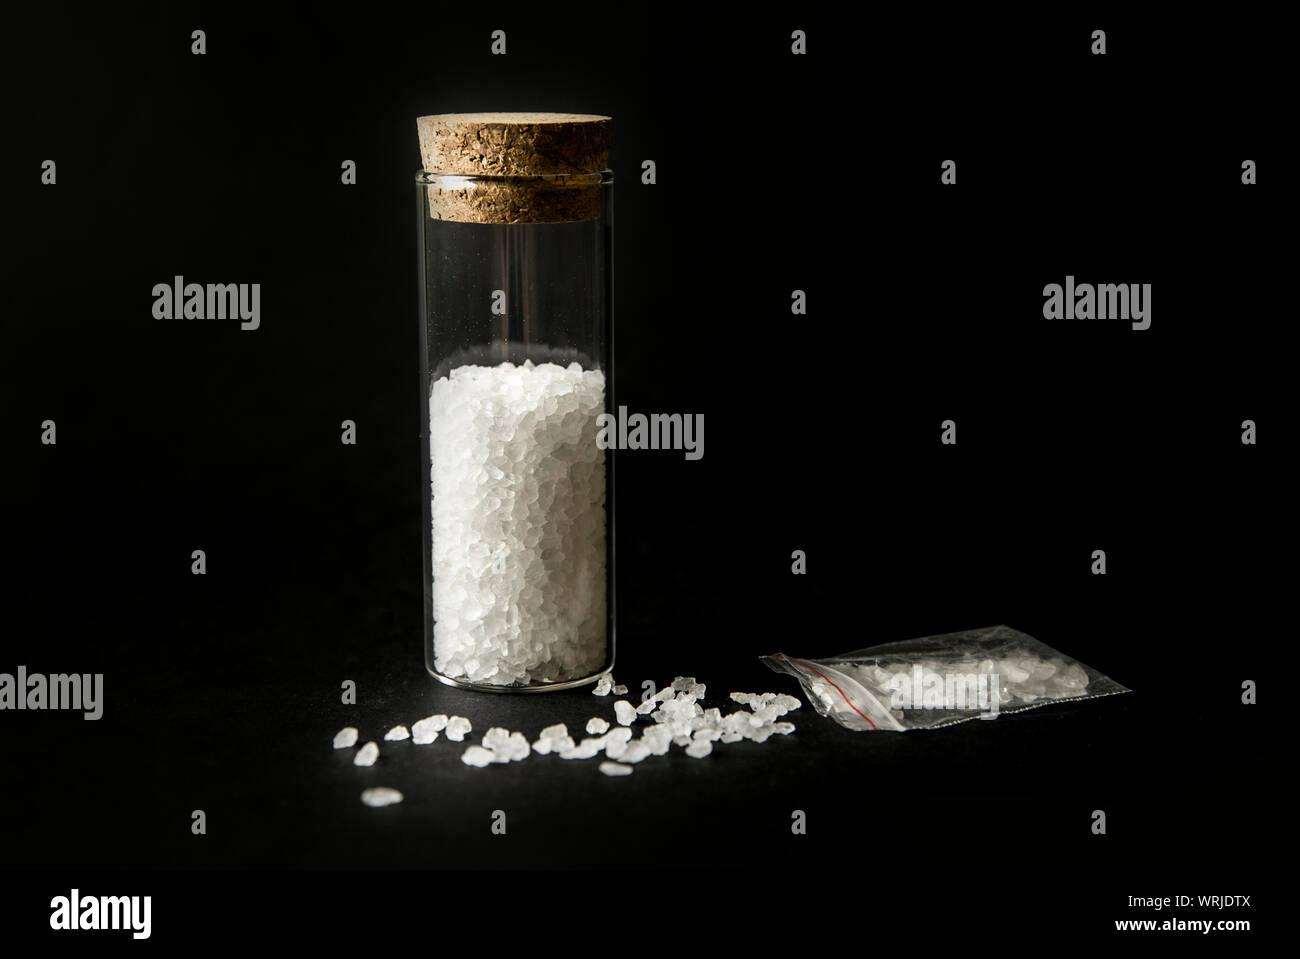 """Image conceptuelle de """"sels de bain"""" drogue stupéfiants concept. La poudre de cristal blanc sur fond noir( mis en place), ressemblent à des bains de sels de bain. Banque D'Images"""